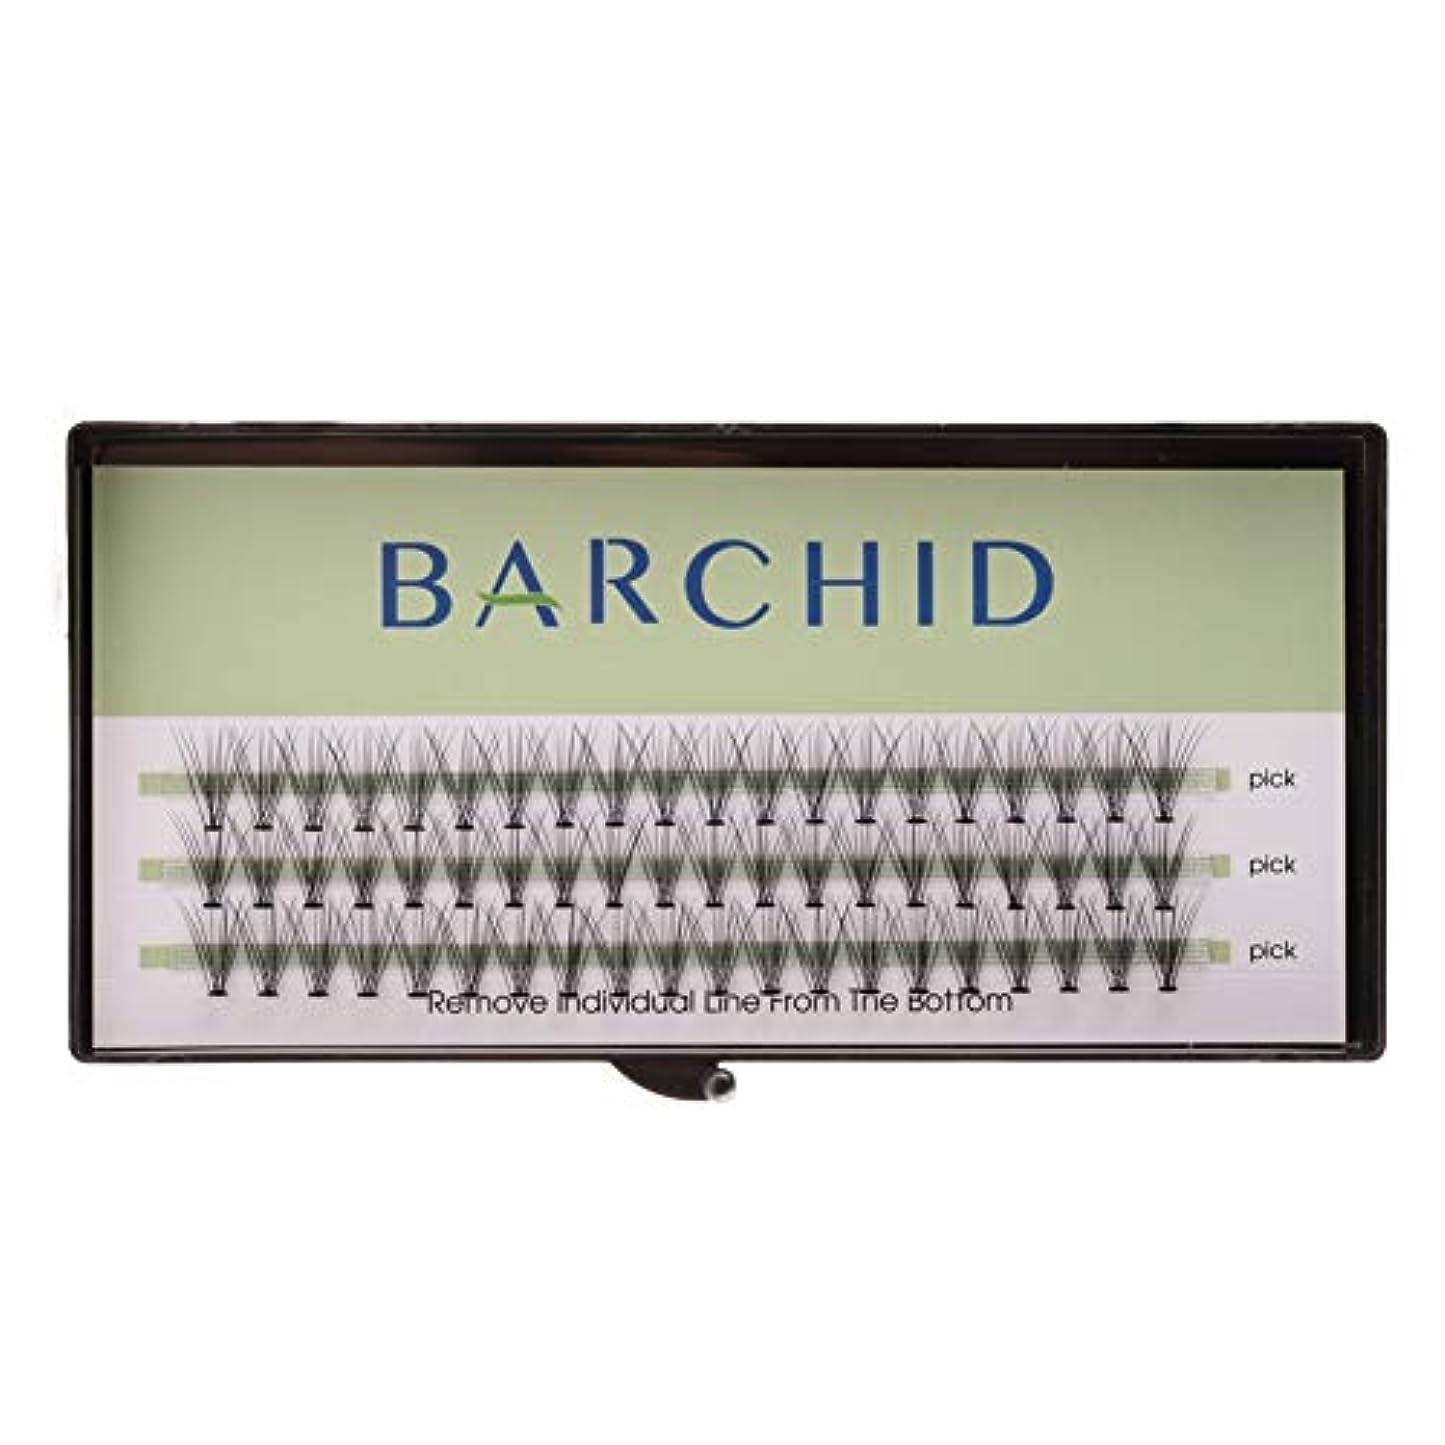 花火アーティストゴールデンBARCHID 高品質超極細まつげエクステ太さ0.07mm 10本束10mm Cカール フレア セルフ用 素材  マツエク